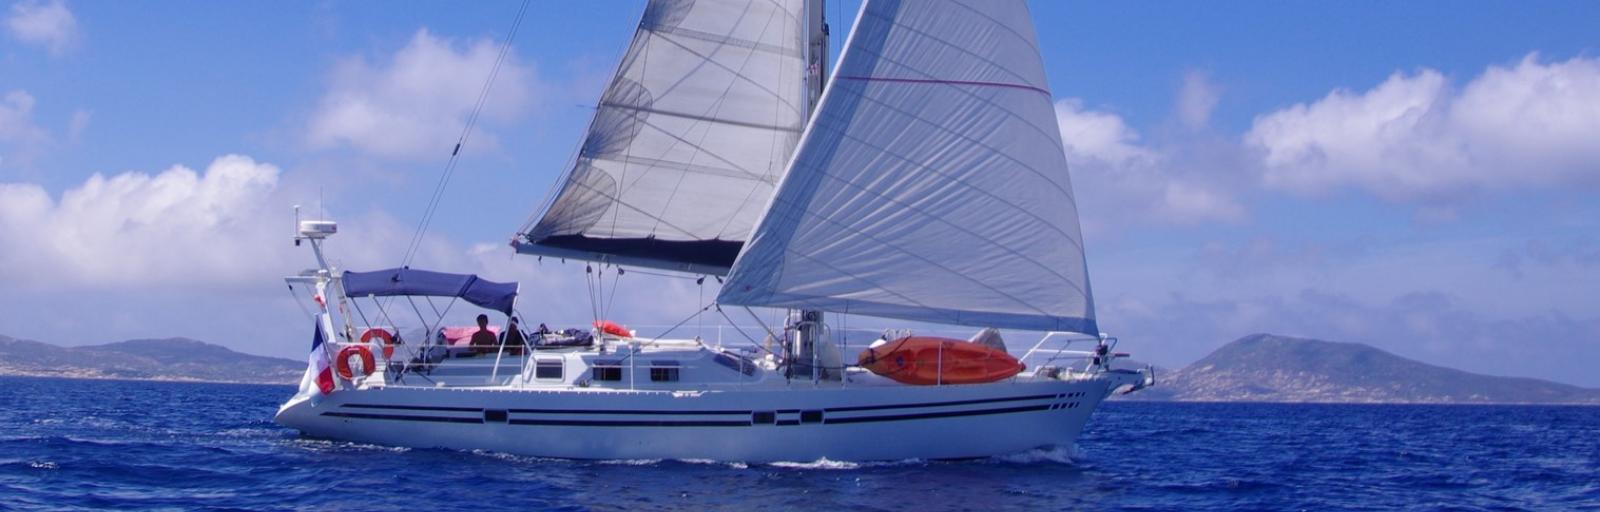 AYC - GARCIA PASSOA 47 -